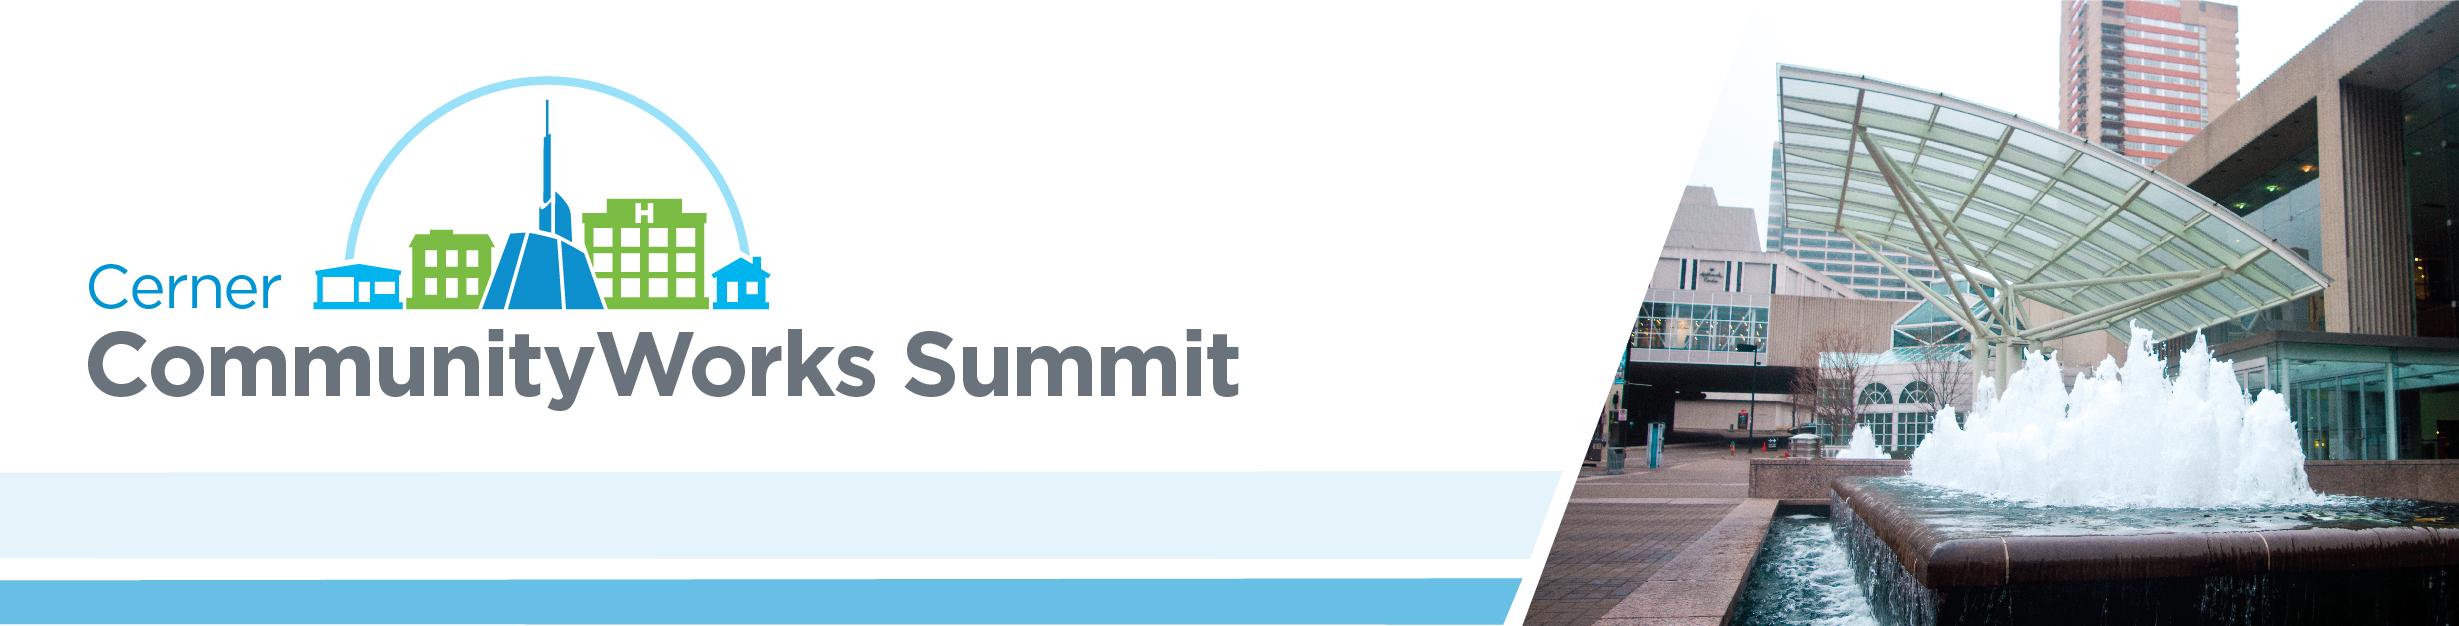 2018 CommunityWorks Summit